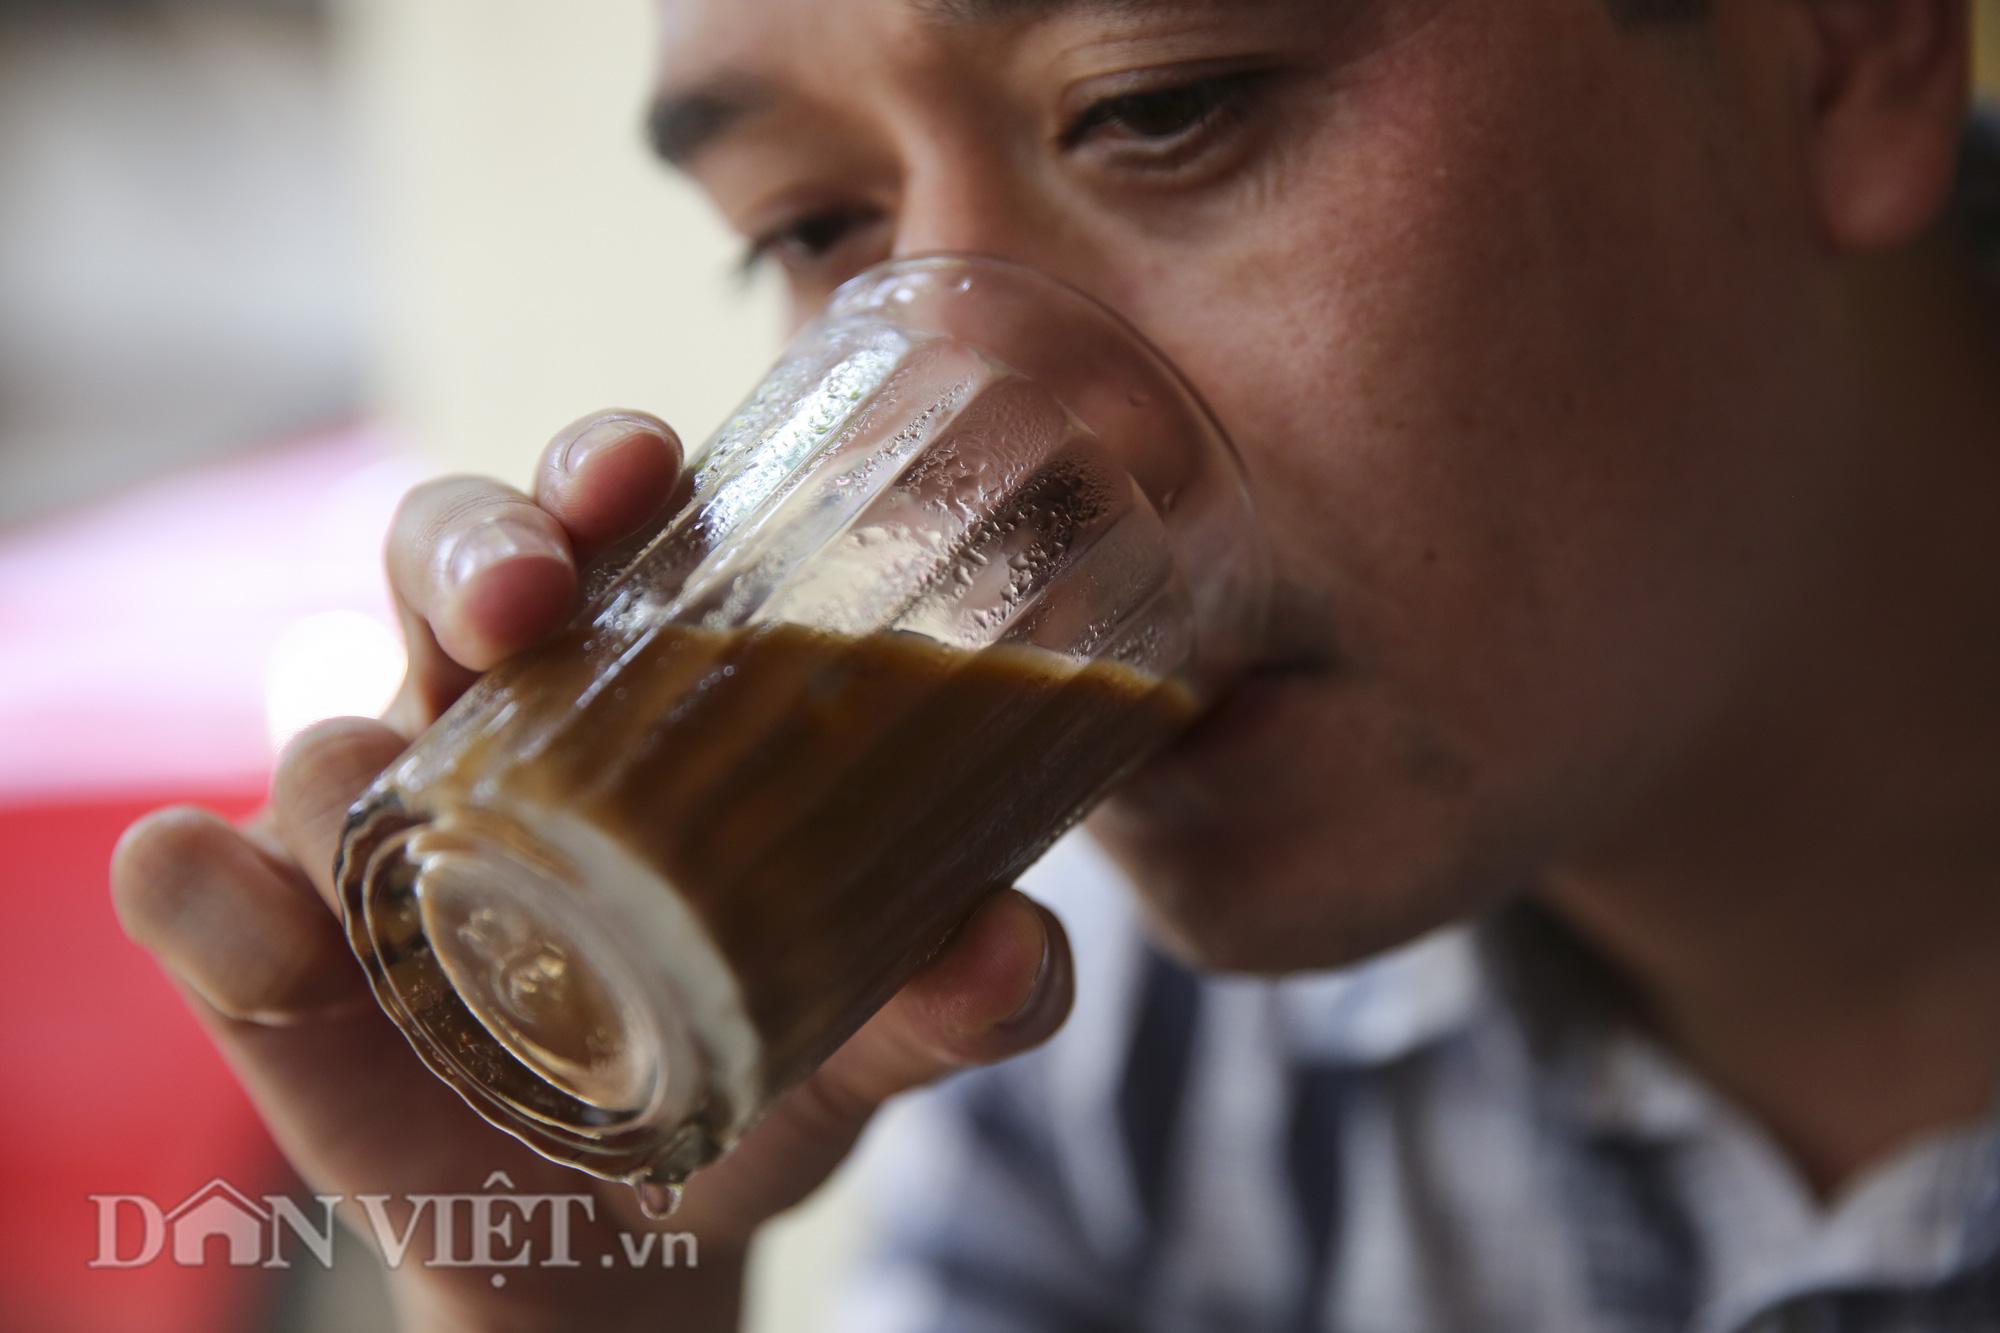 """Ngất ngây hương vị """"rang củi"""" tại quán cà phê lâu đời nhất Hà Nội - Ảnh 5."""